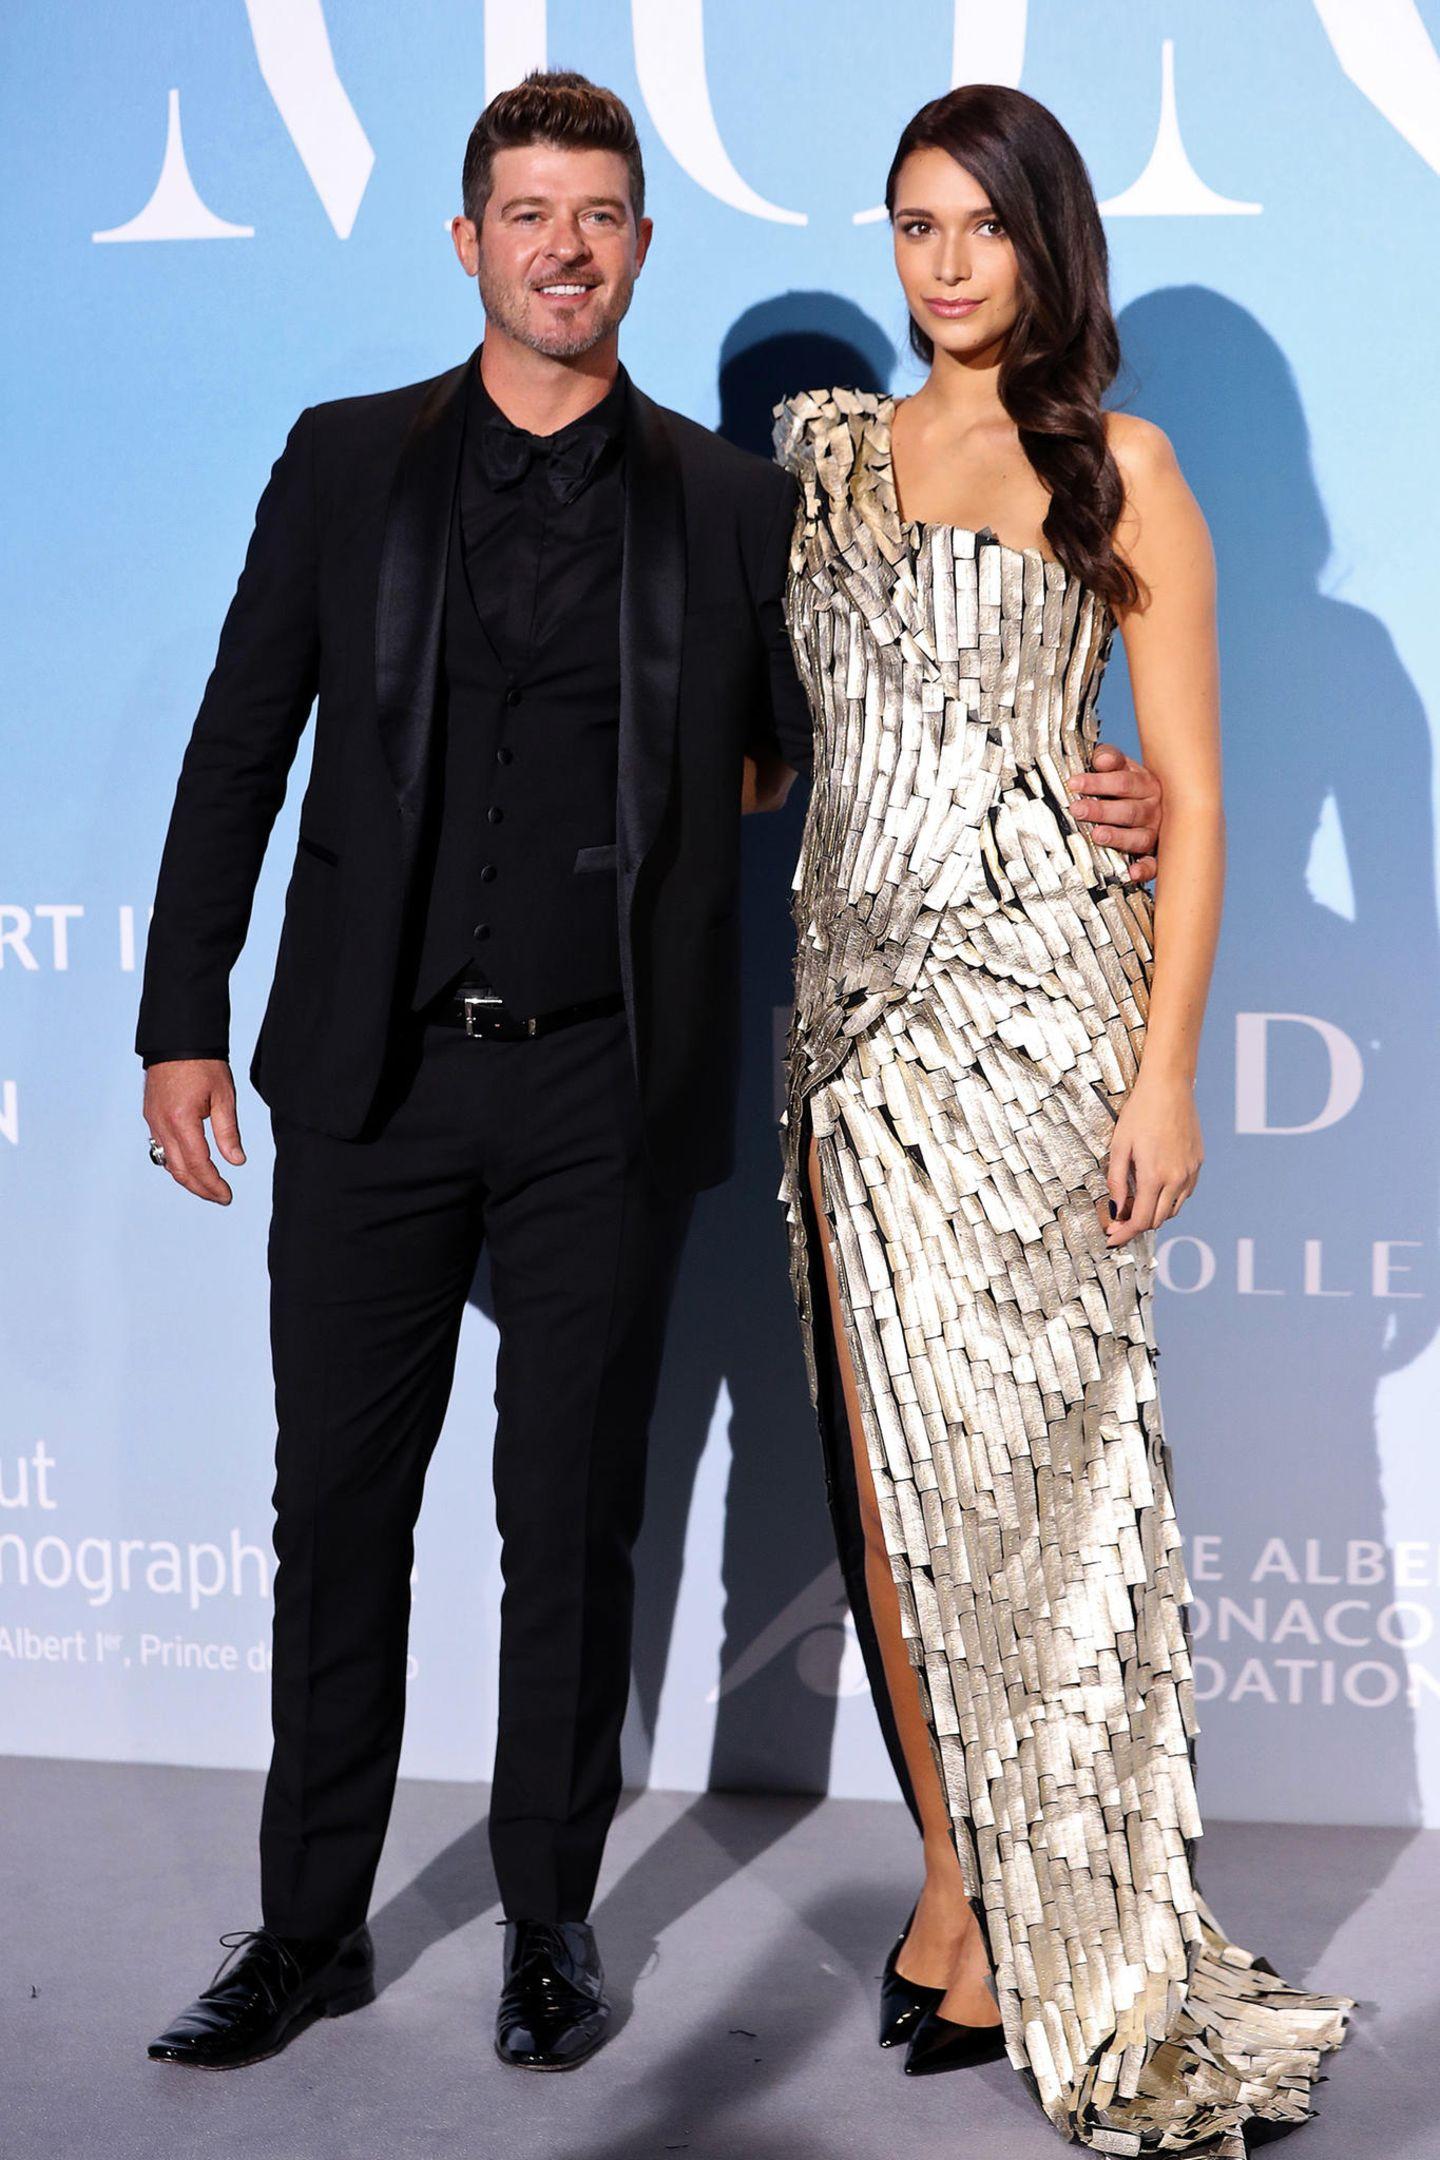 Neben seiner schwangerenFreundinApril Love Geary im futuristischen Silberdress gehtRobin Thicke im schwarzen Anzug fast unter.